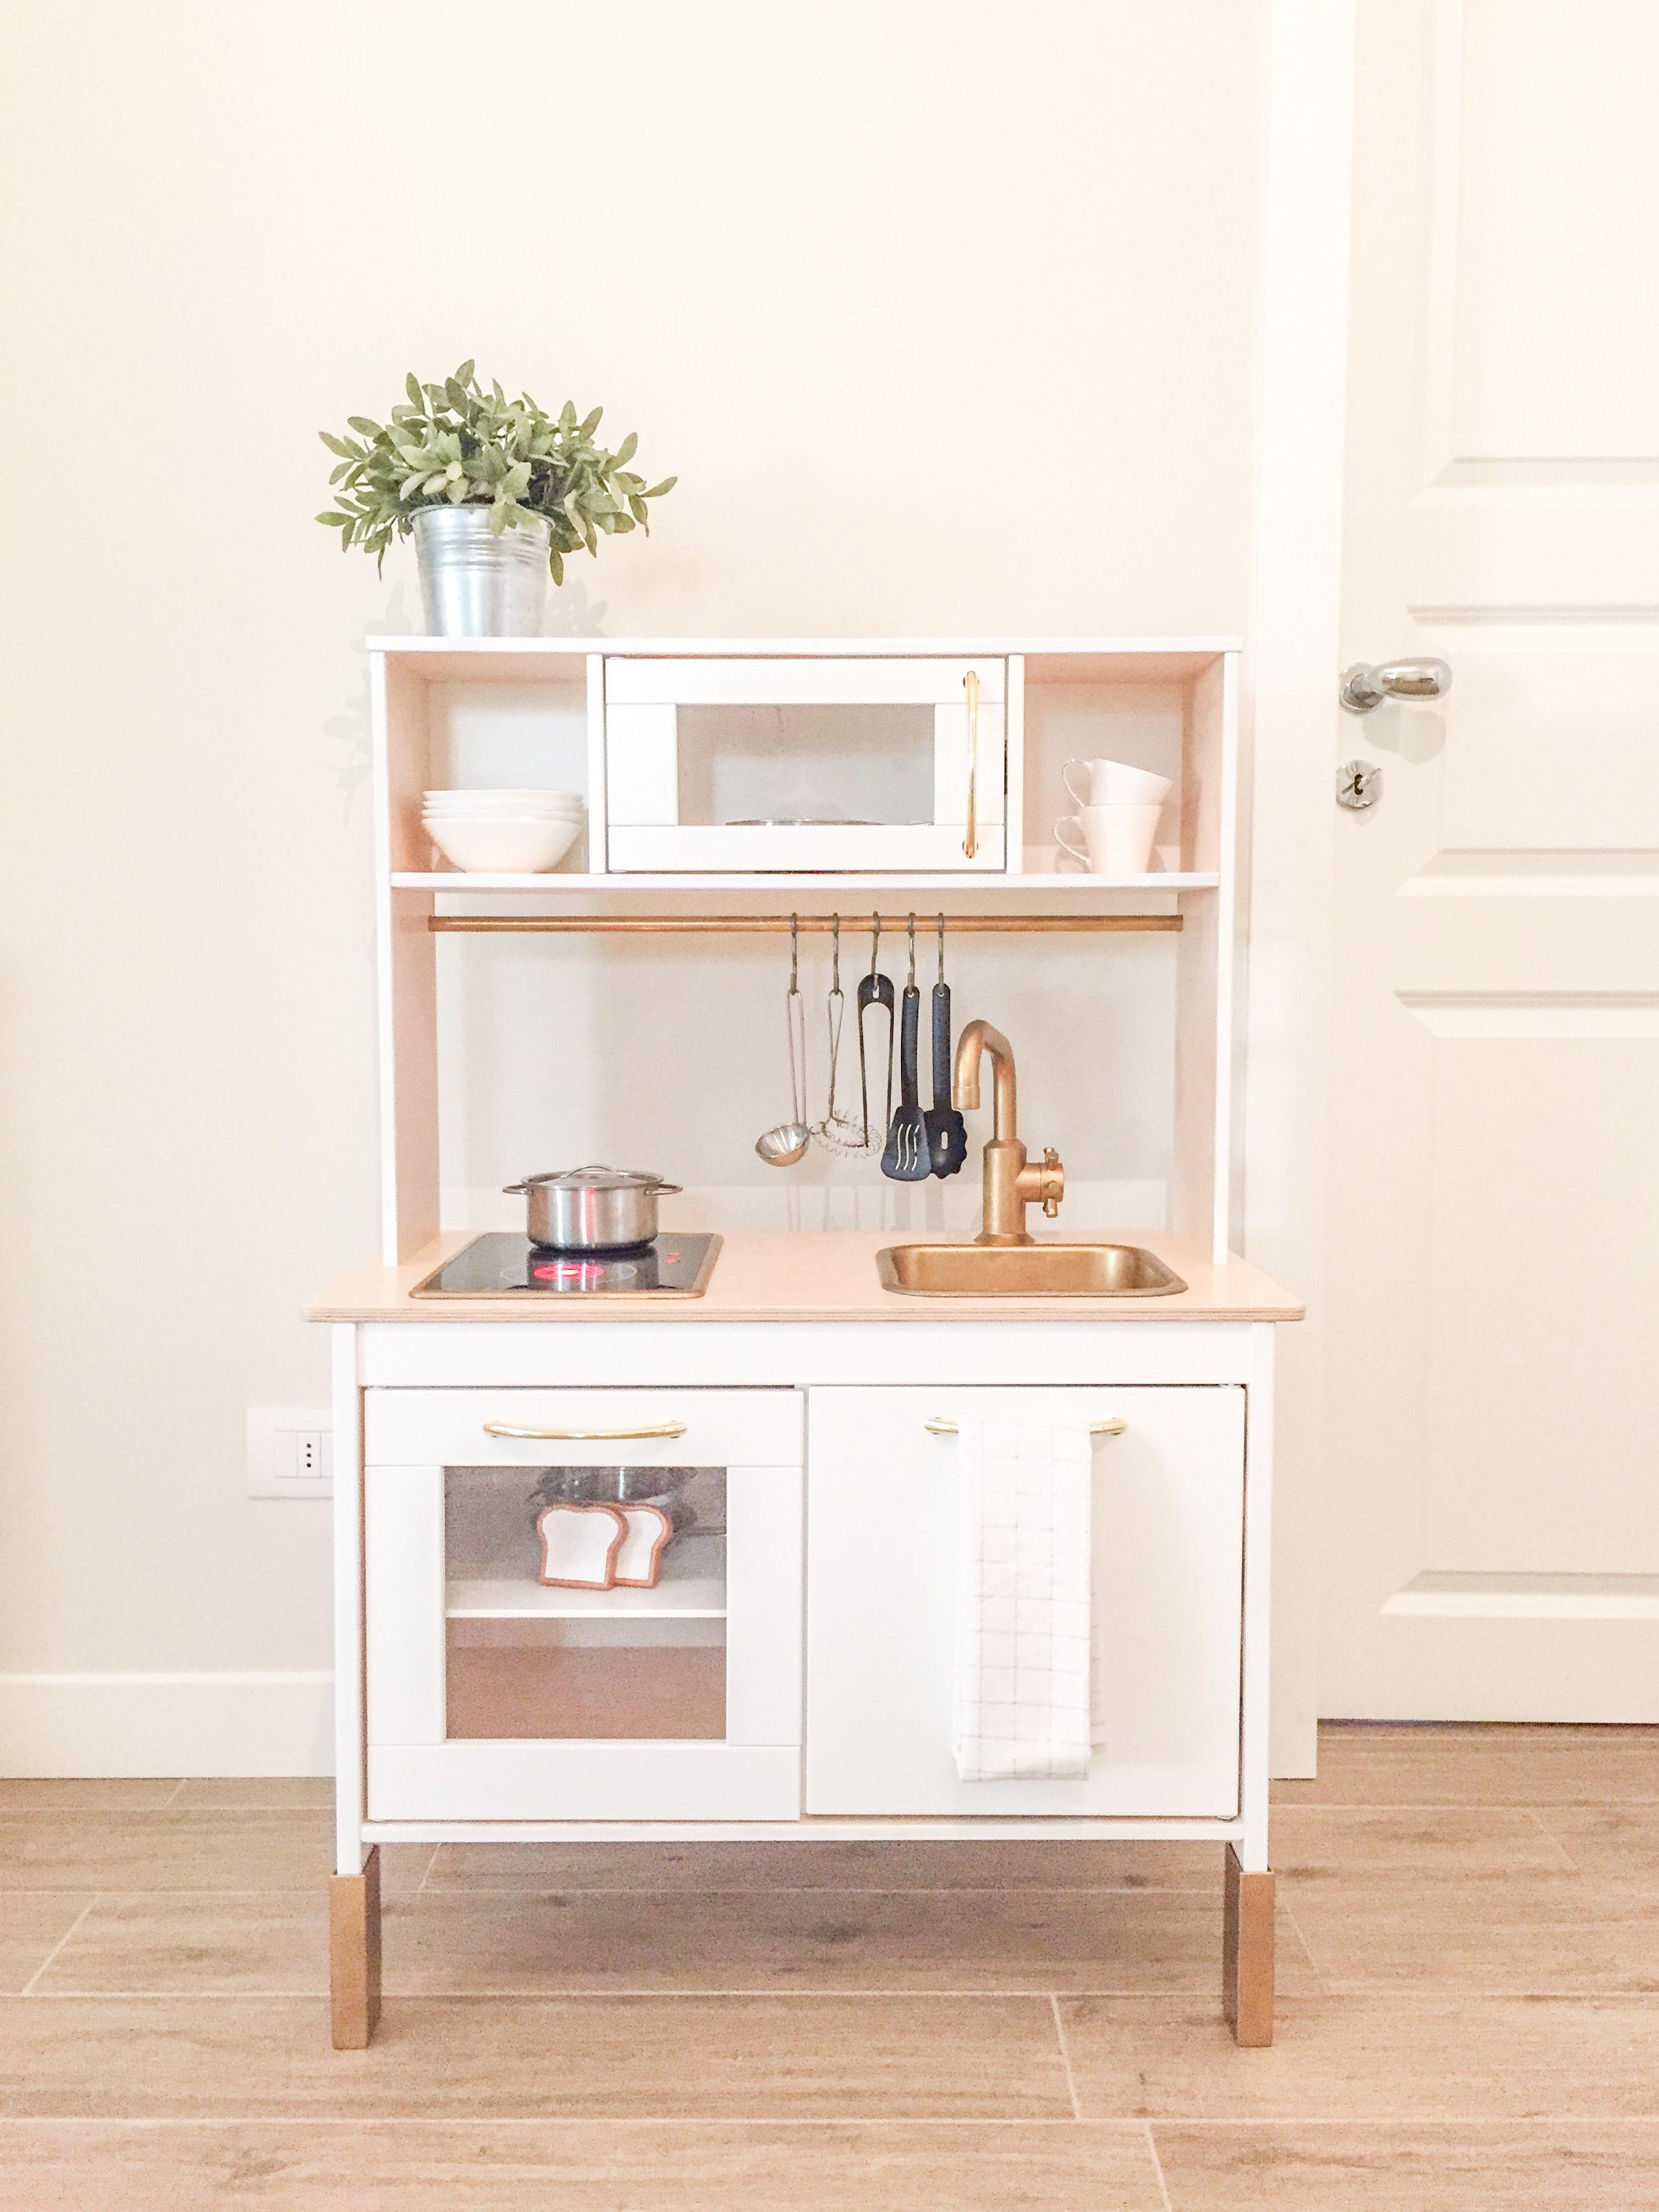 Crea la tua cucina da gioco per bambini personalizzandola con pochi semplici trucchi la pa - Crea cucina ikea ...